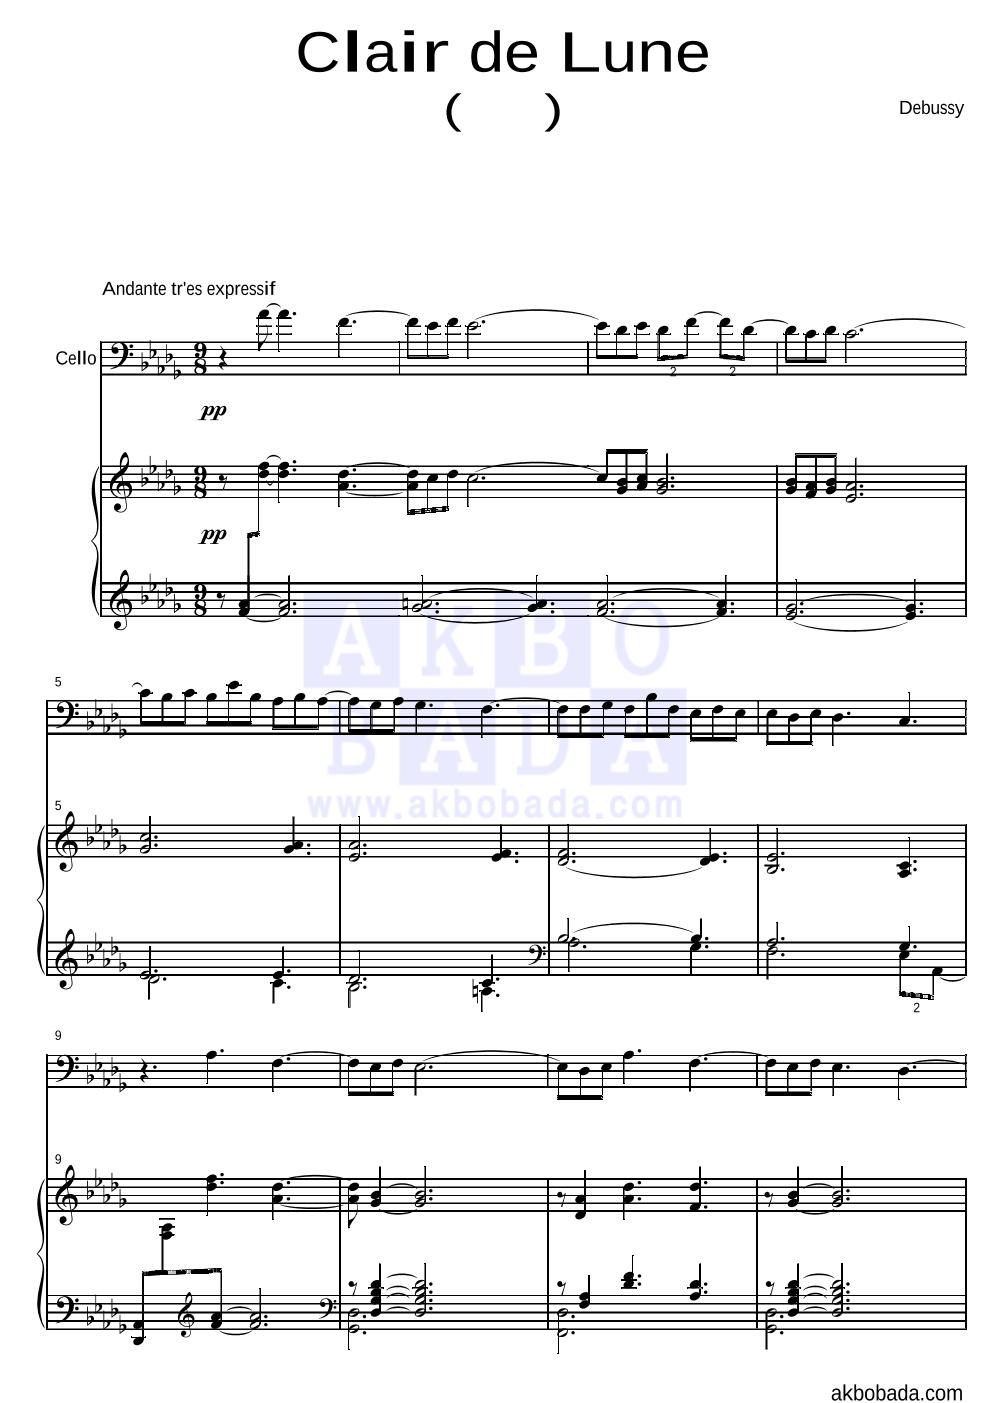 드뷔시 - Clair de Lune(달빛)  악보